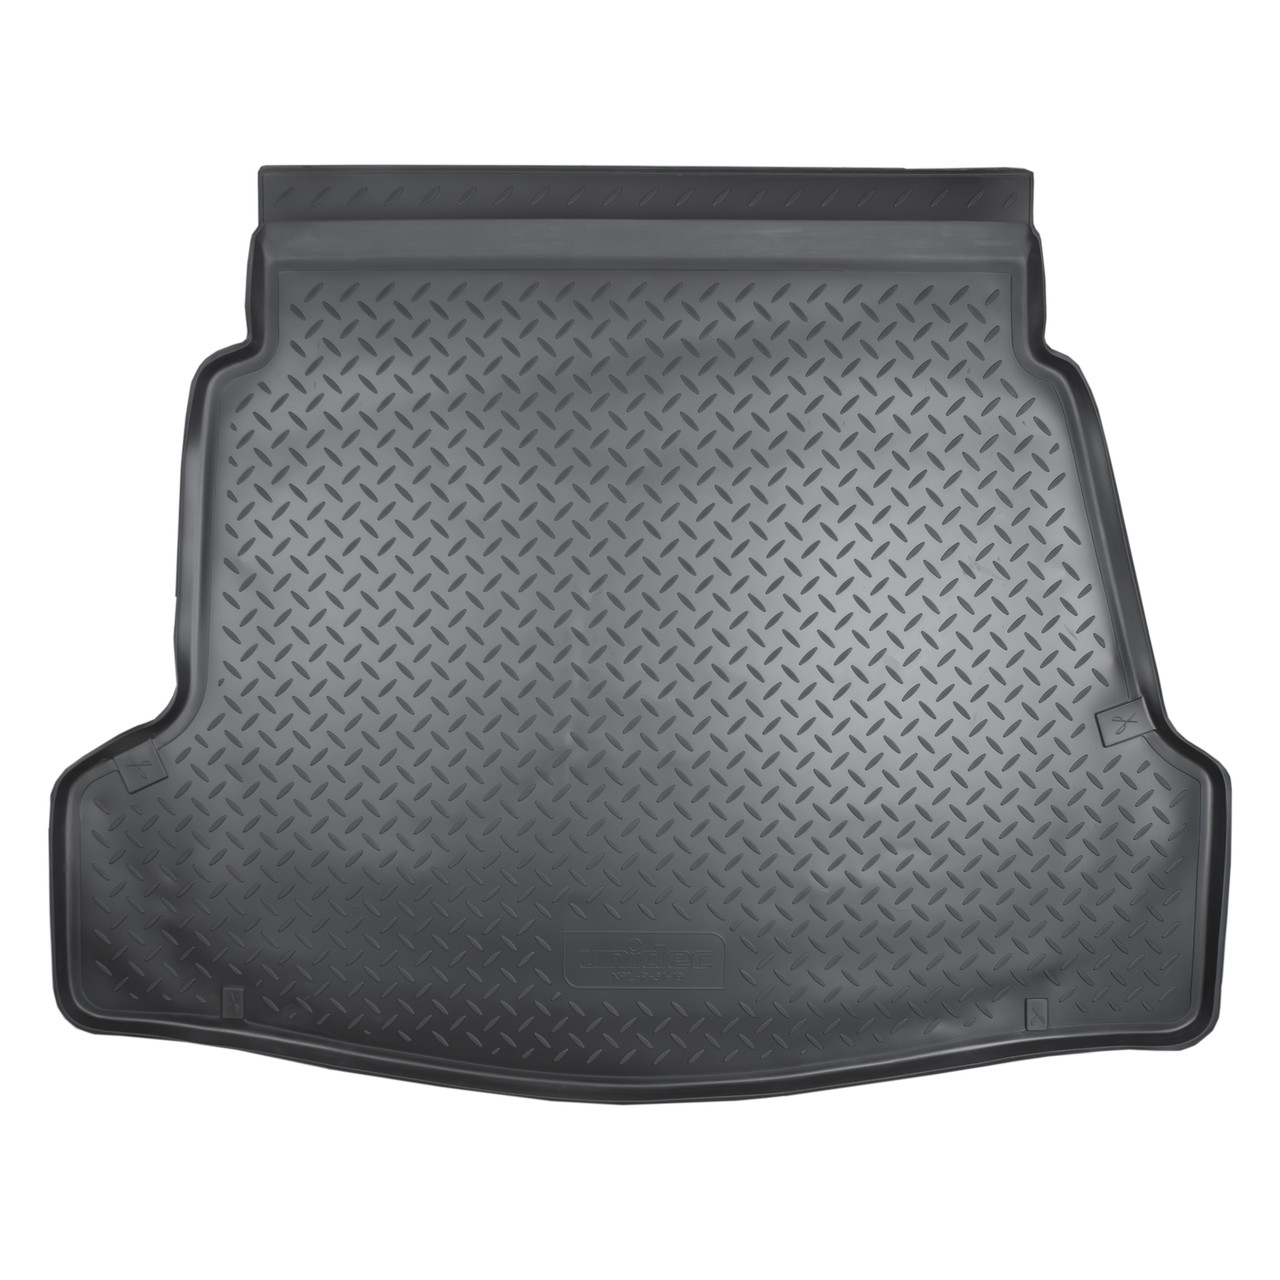 Коврик в багажник Hyundai i40 (VF) SD (2011)